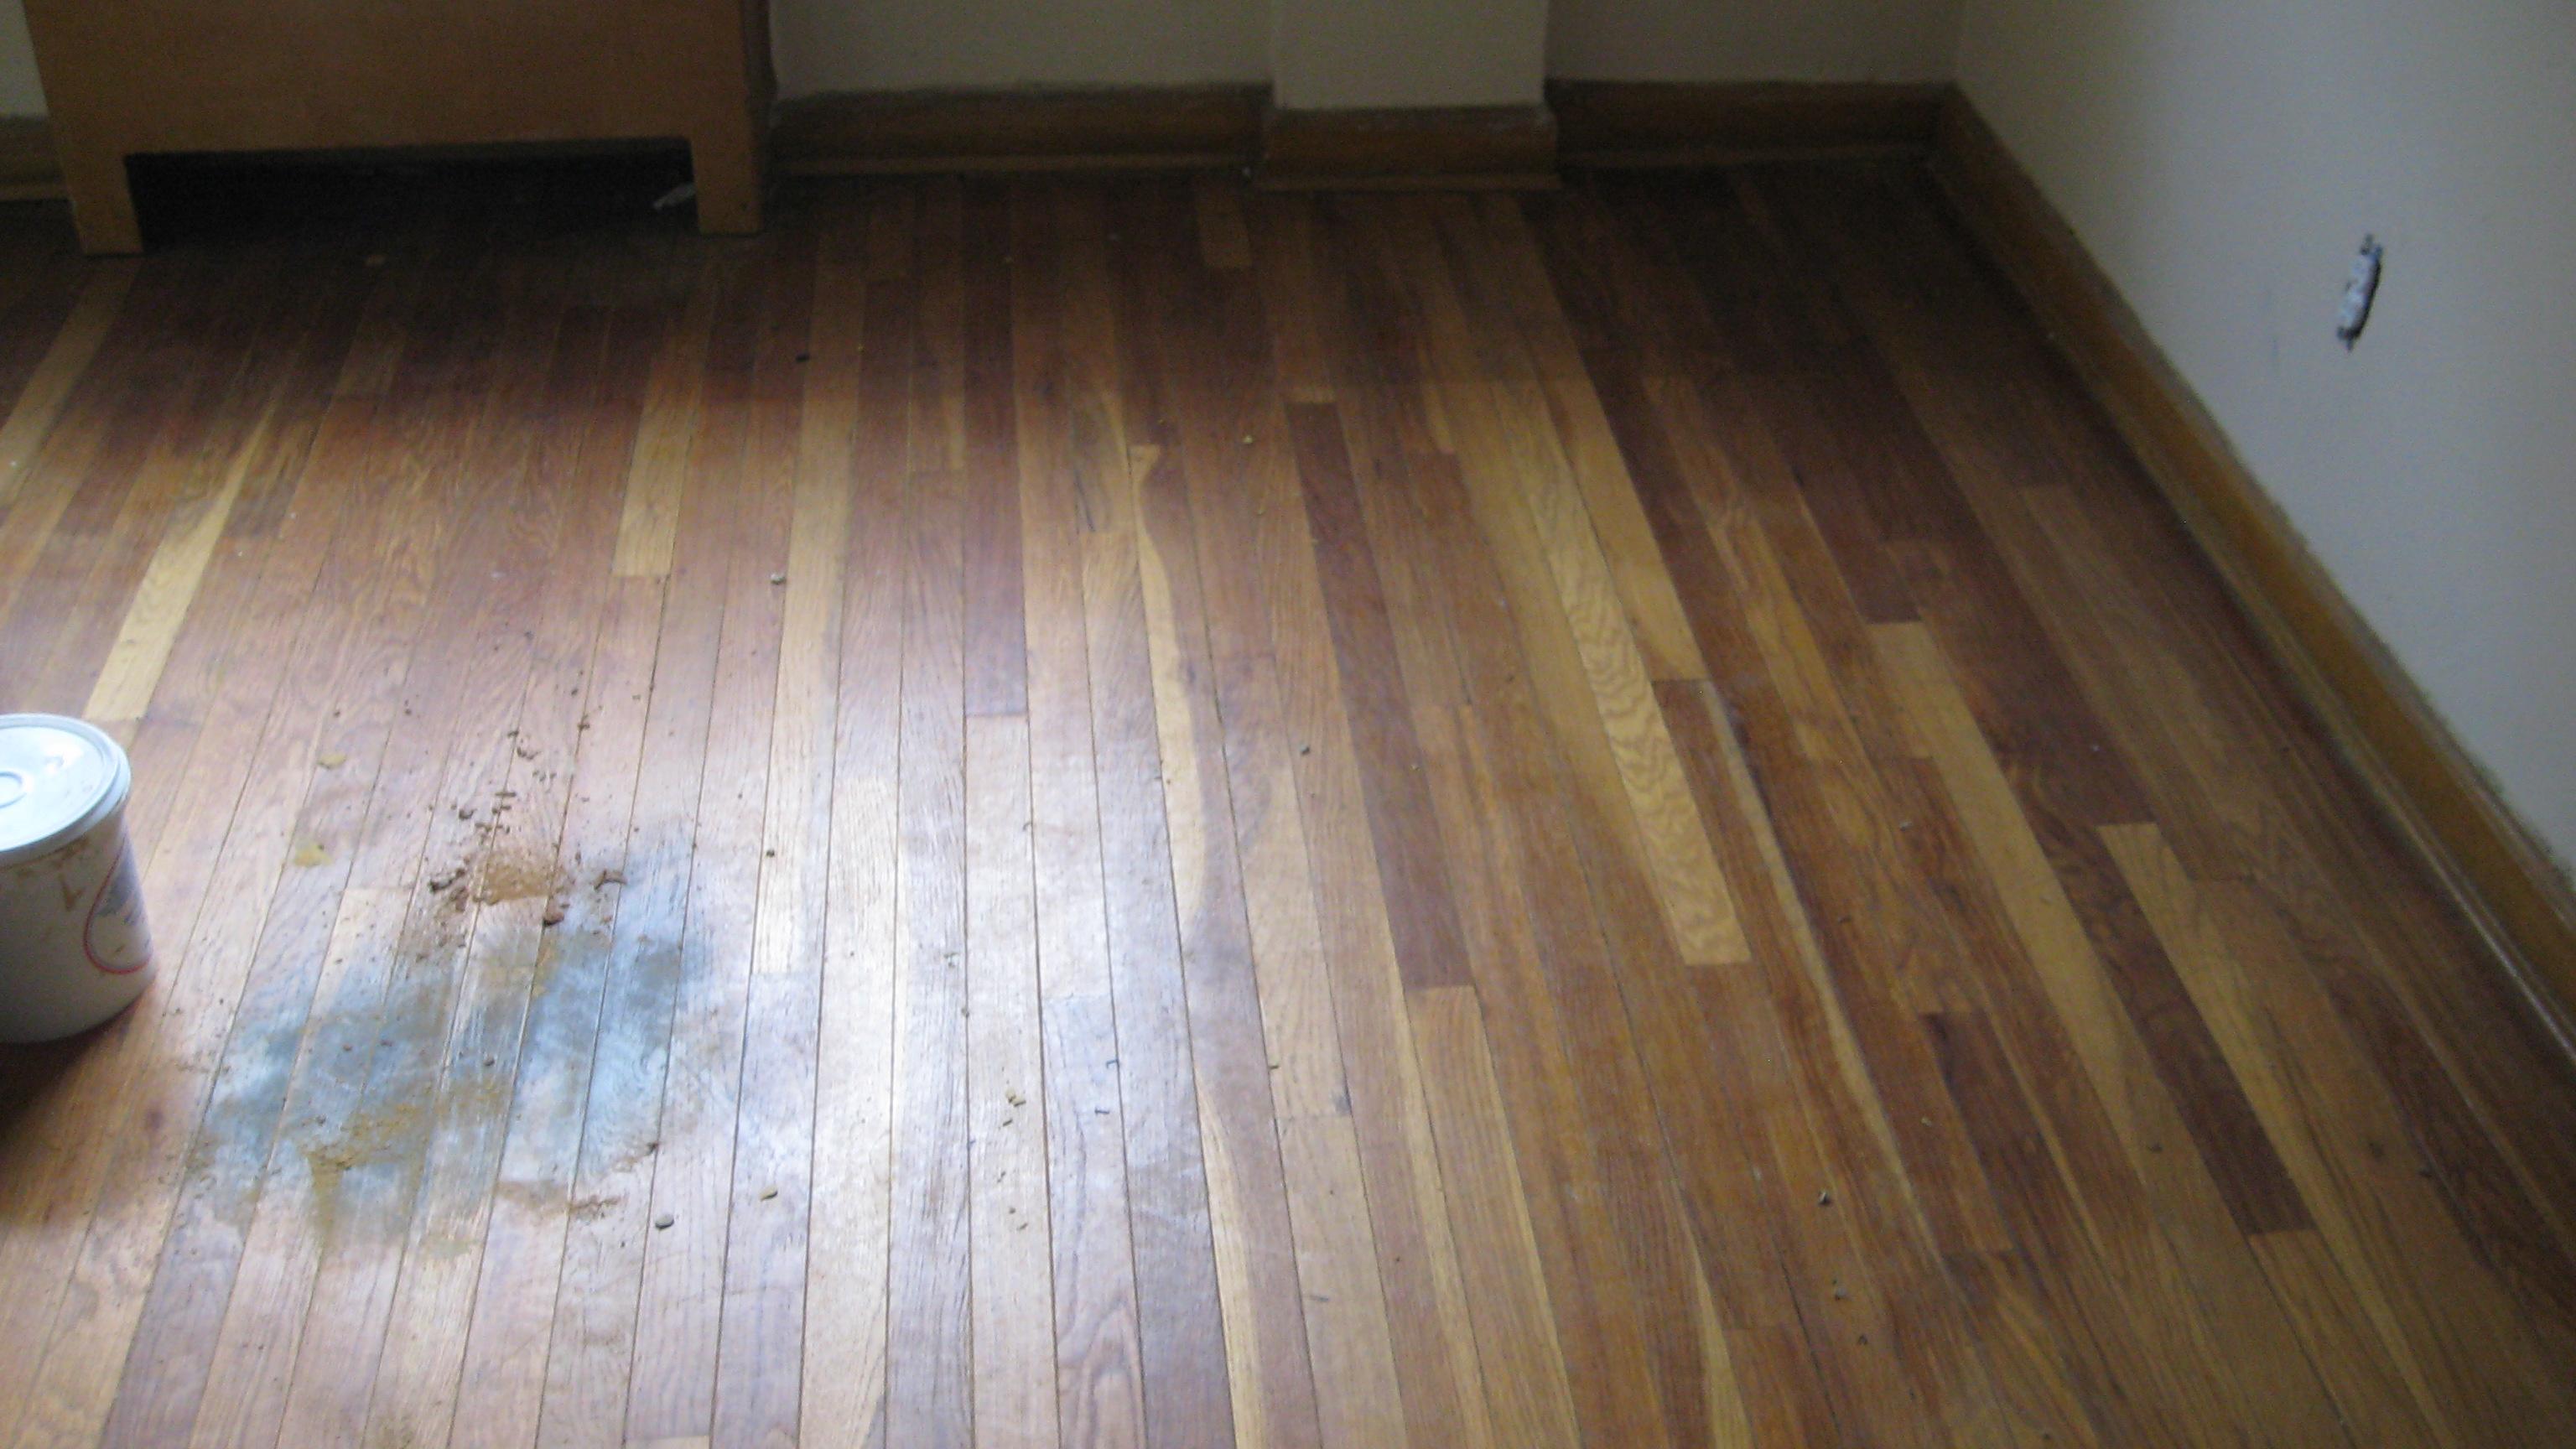 Vlekken op houten vloer brico voor de makers